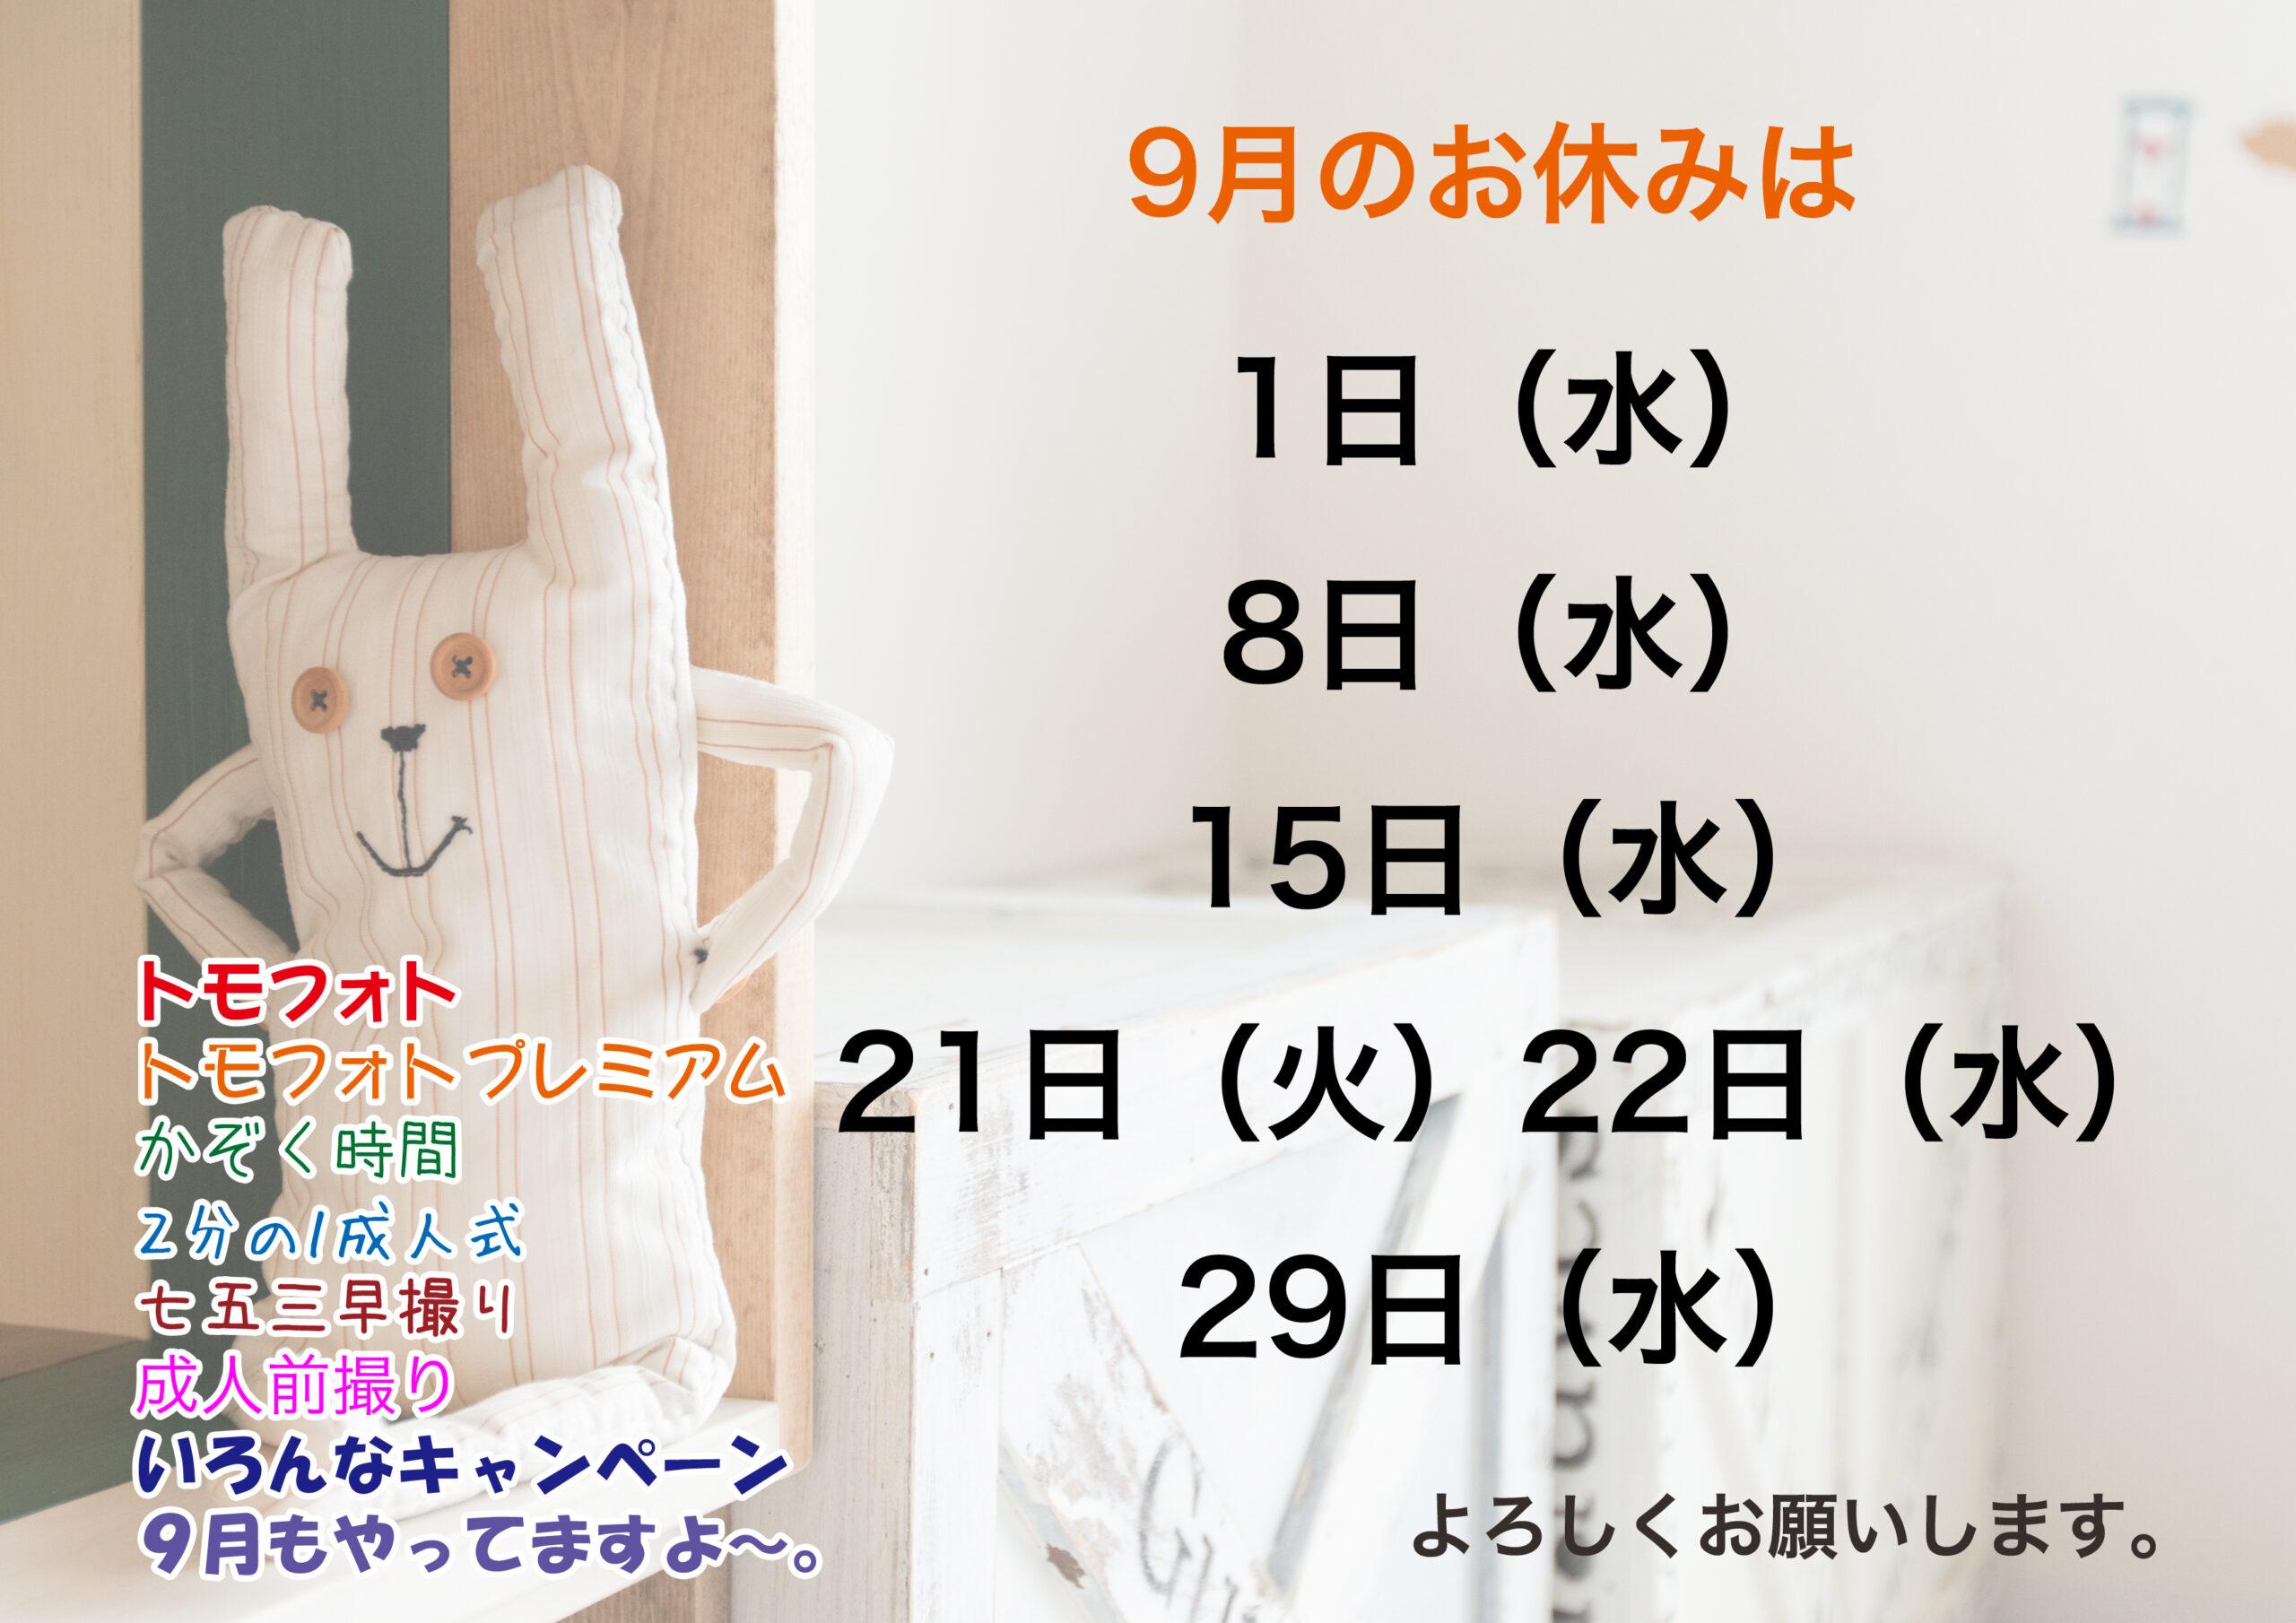 9月の営業予定〜